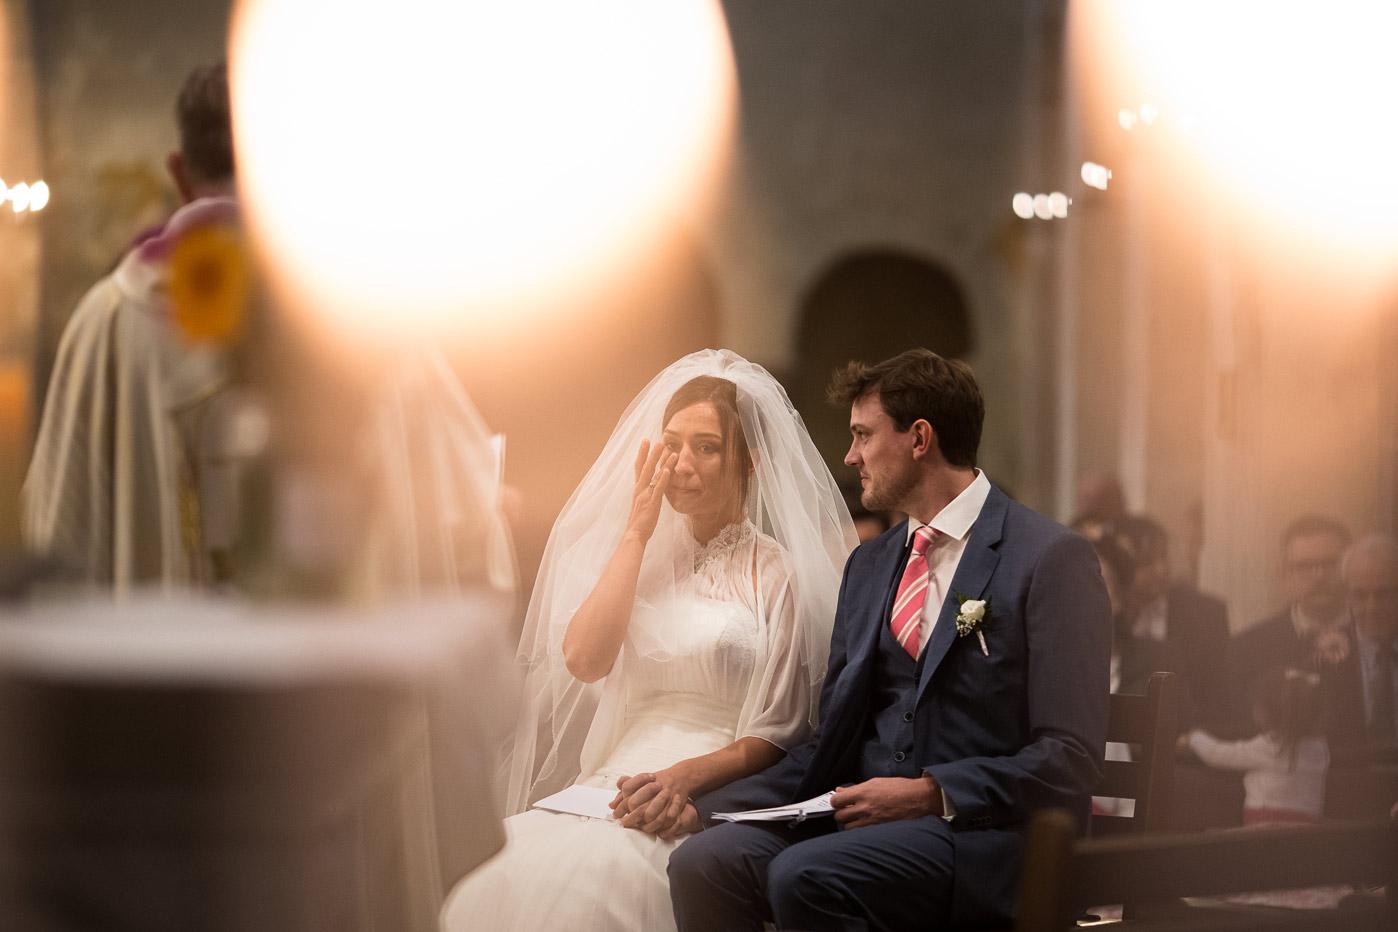 Hotel Royal Saint Mart Royat Clermont Ferrand Emotion de la mariée dans l'église durant la cérémonie religieuse